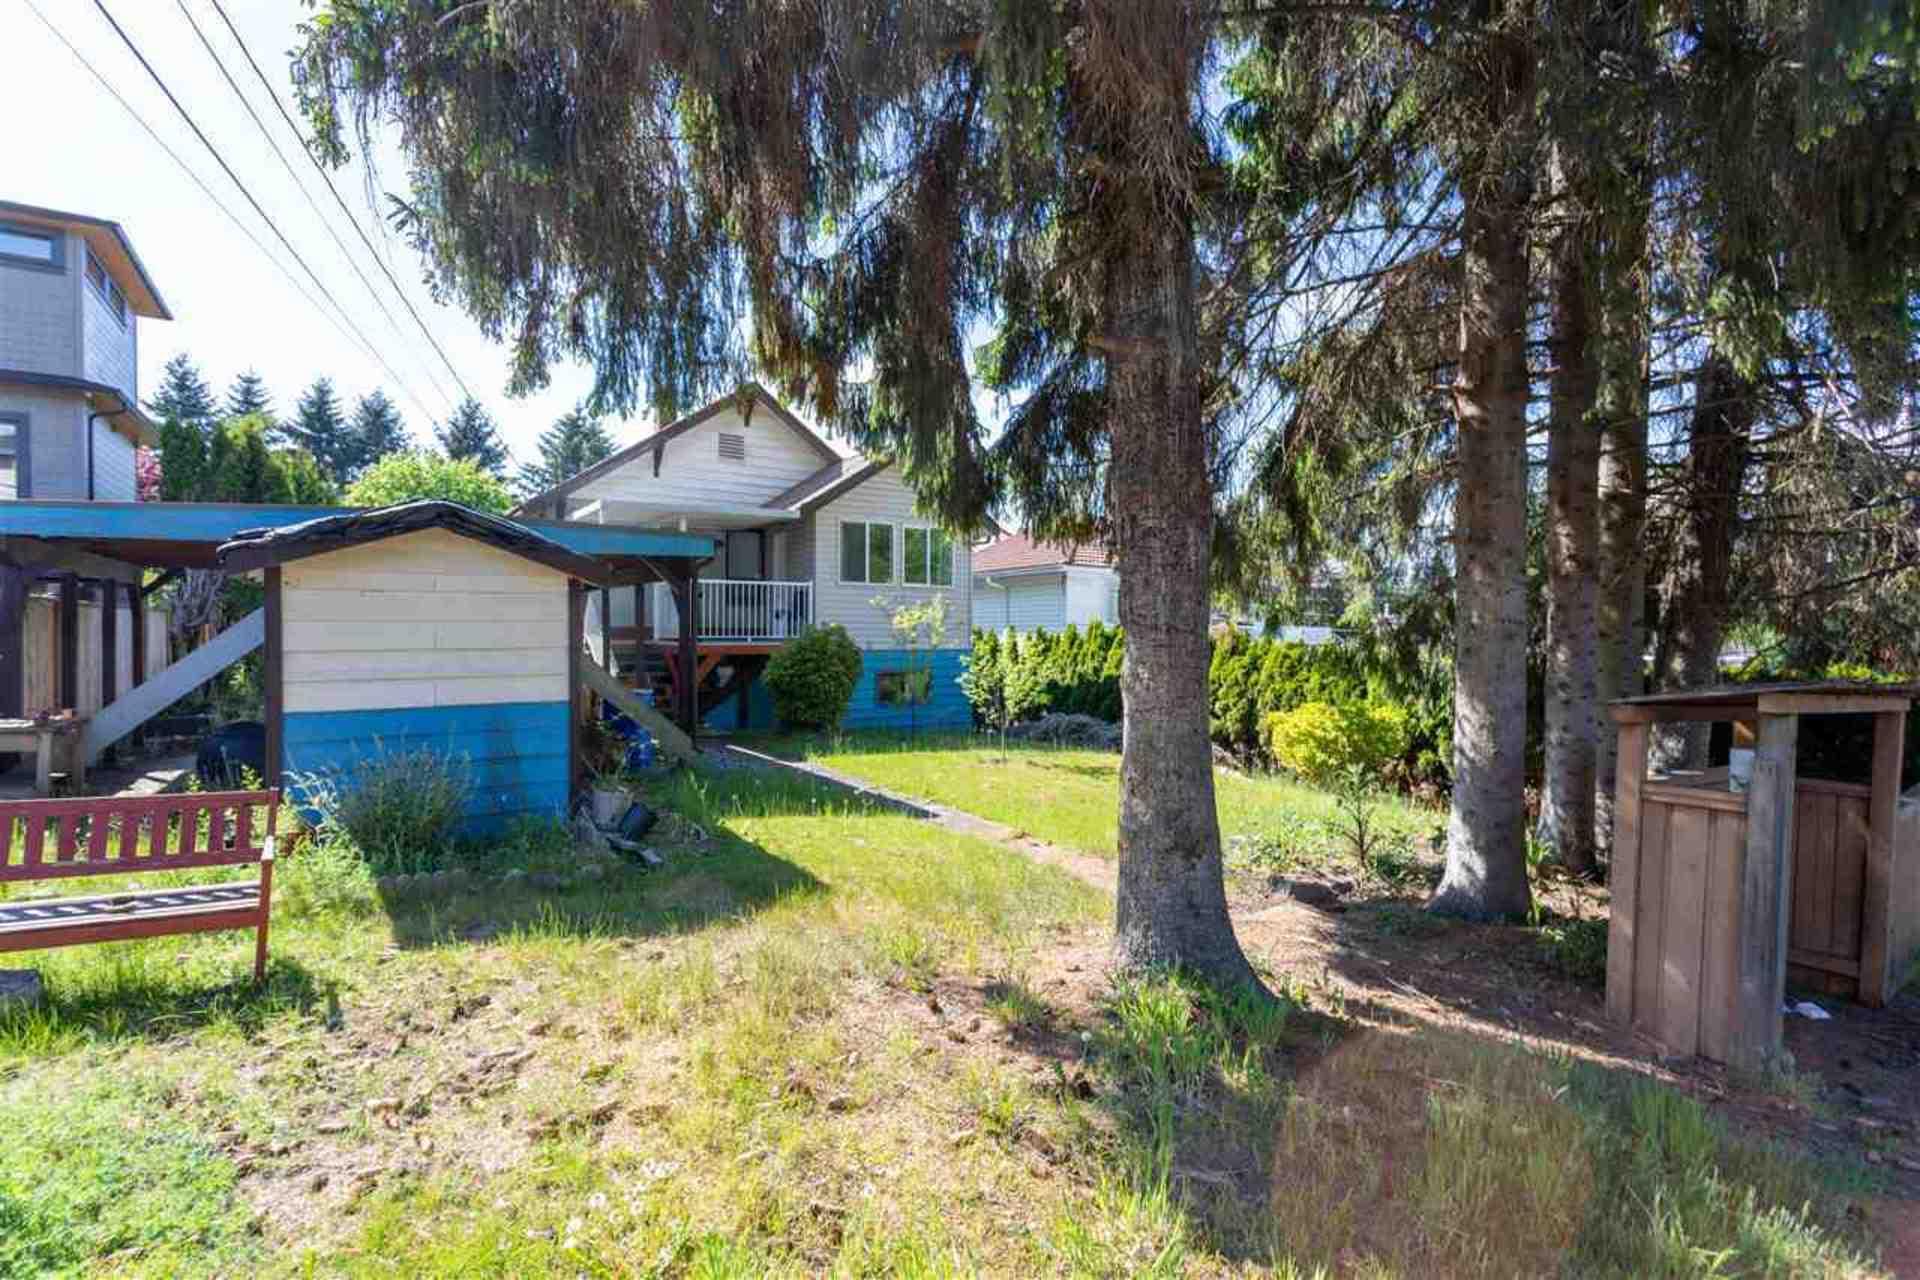 6036-brantford-avenue-upper-deer-lake-burnaby-south-09 at 6036 Brantford Avenue, Upper Deer Lake, Burnaby South